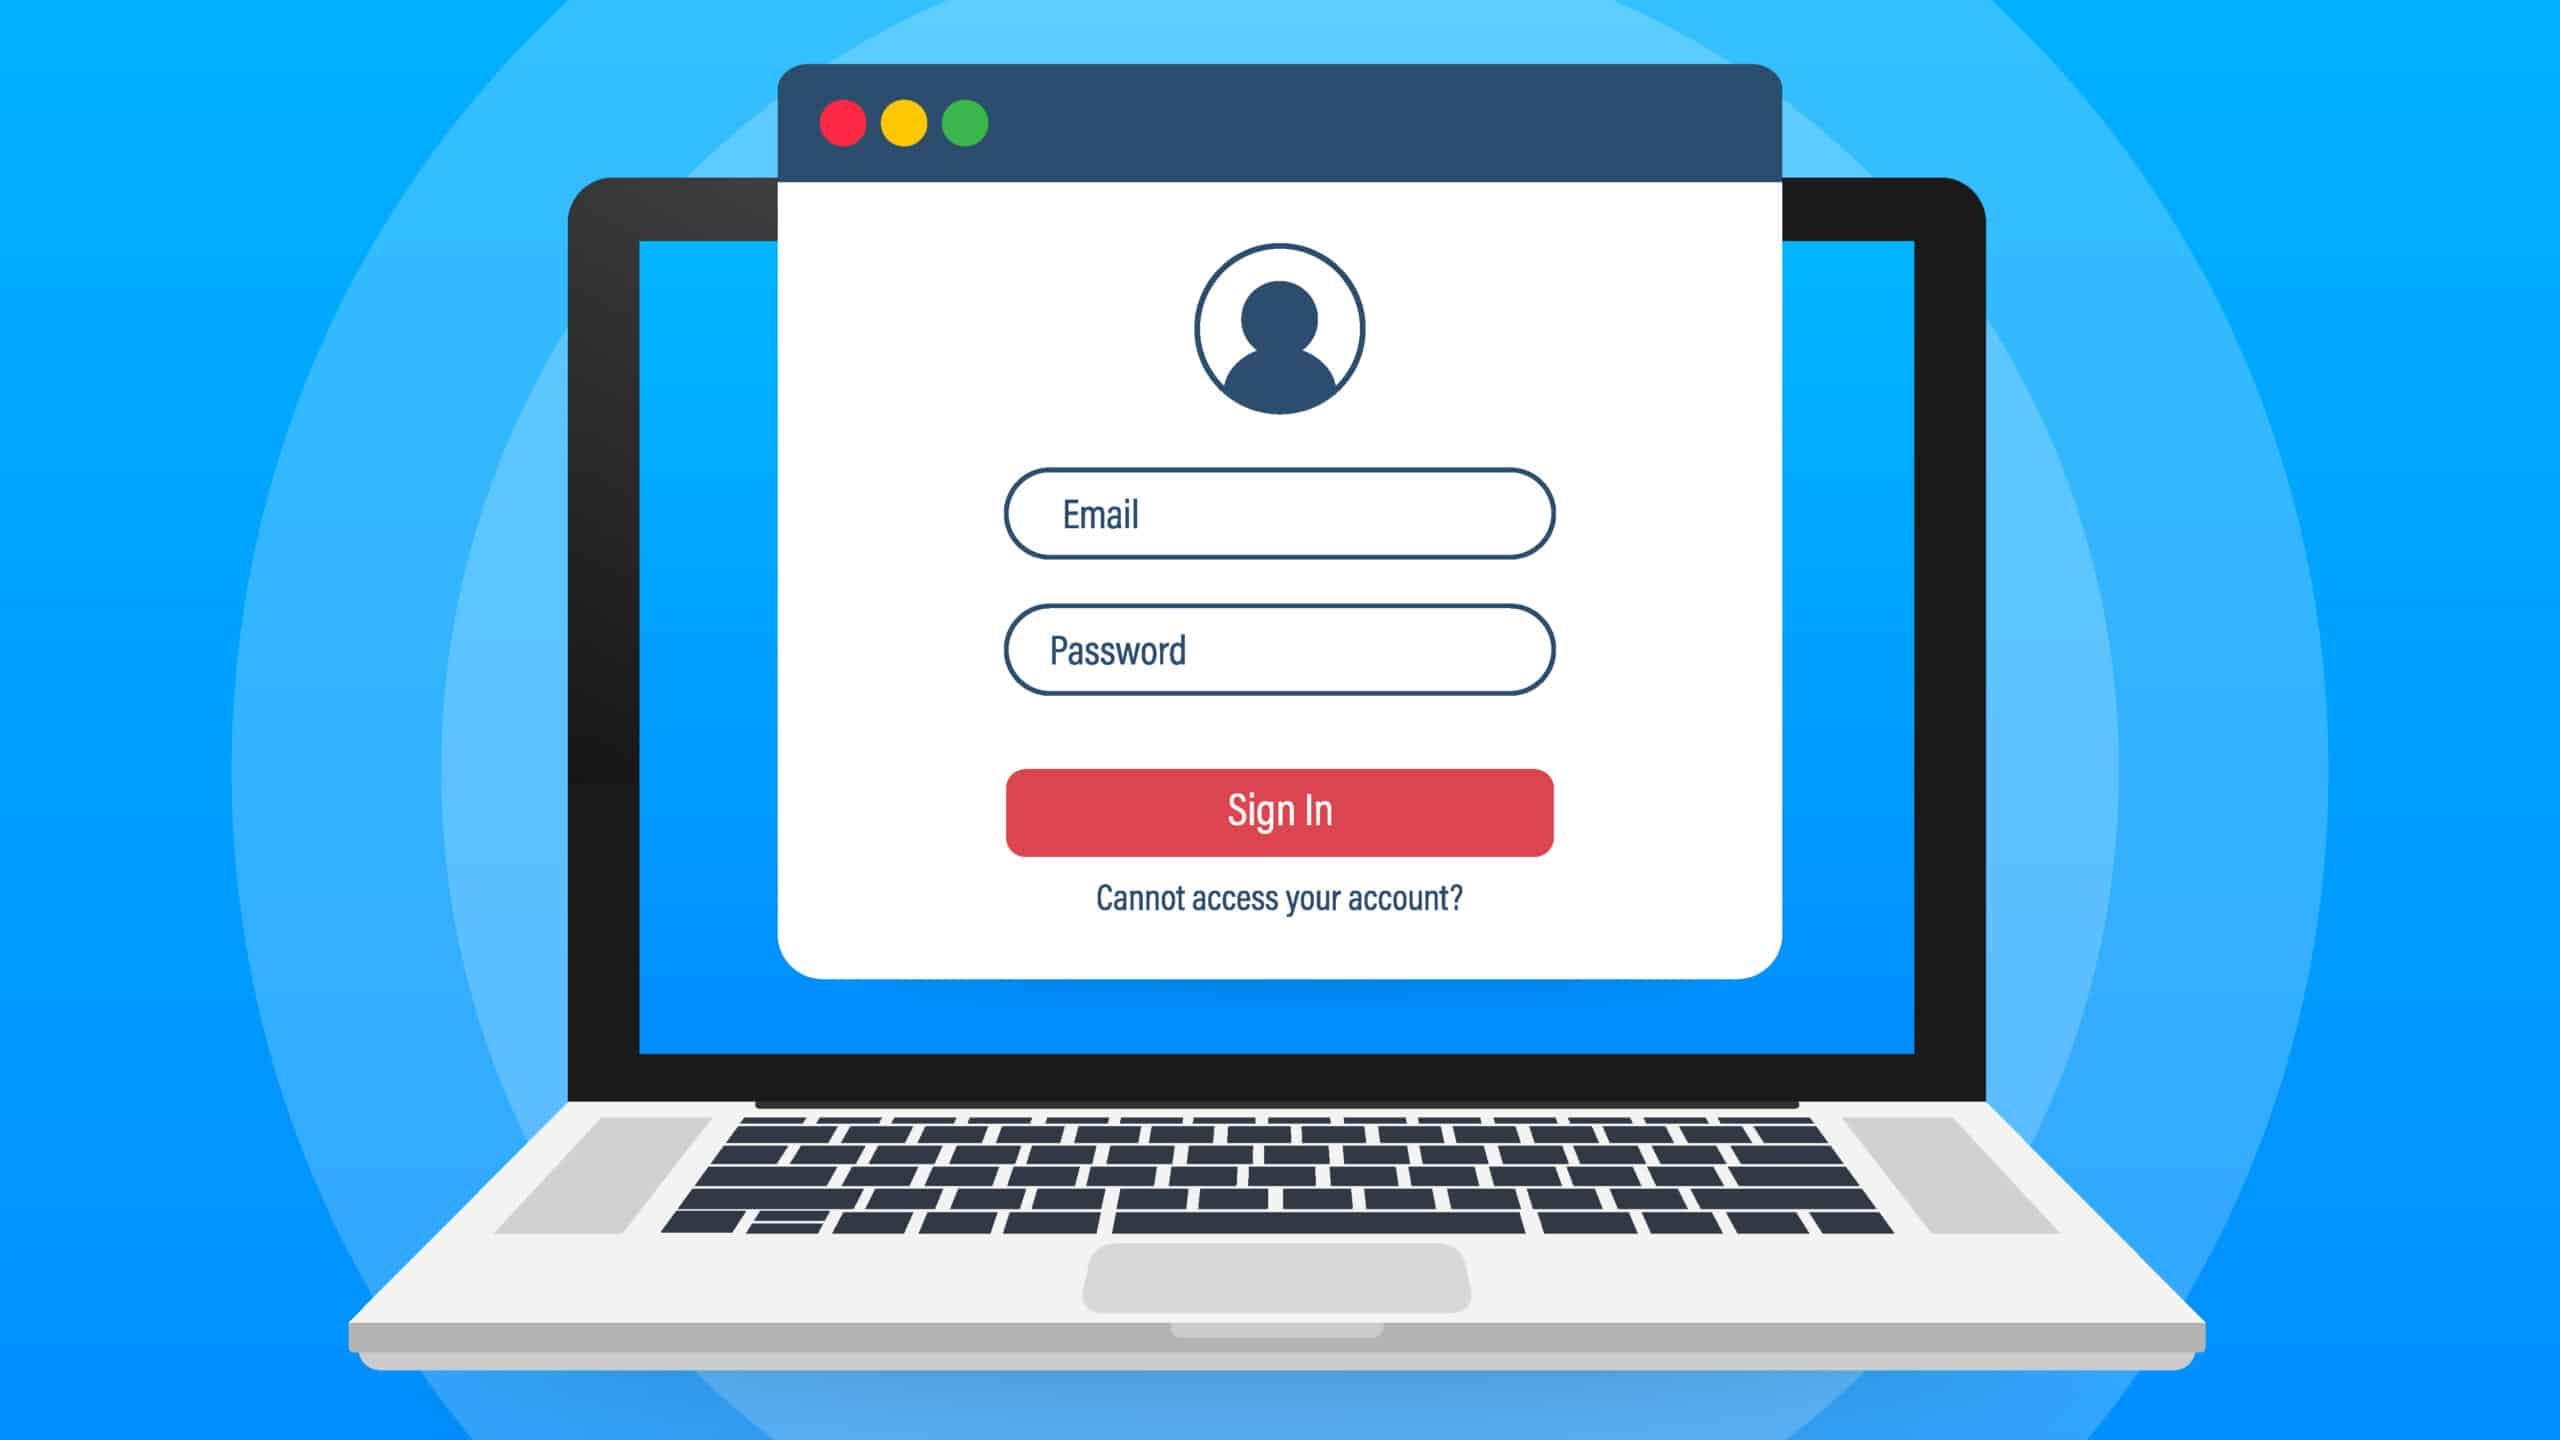 Buat-Password-yang-unik-namun-mudah-diingat-scaled